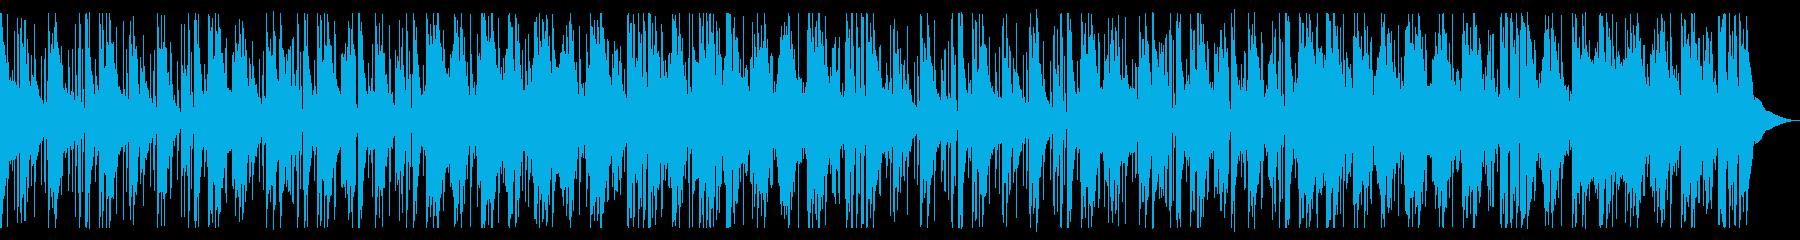 アコギ生演奏。ほのぼのお昼寝BGM。の再生済みの波形